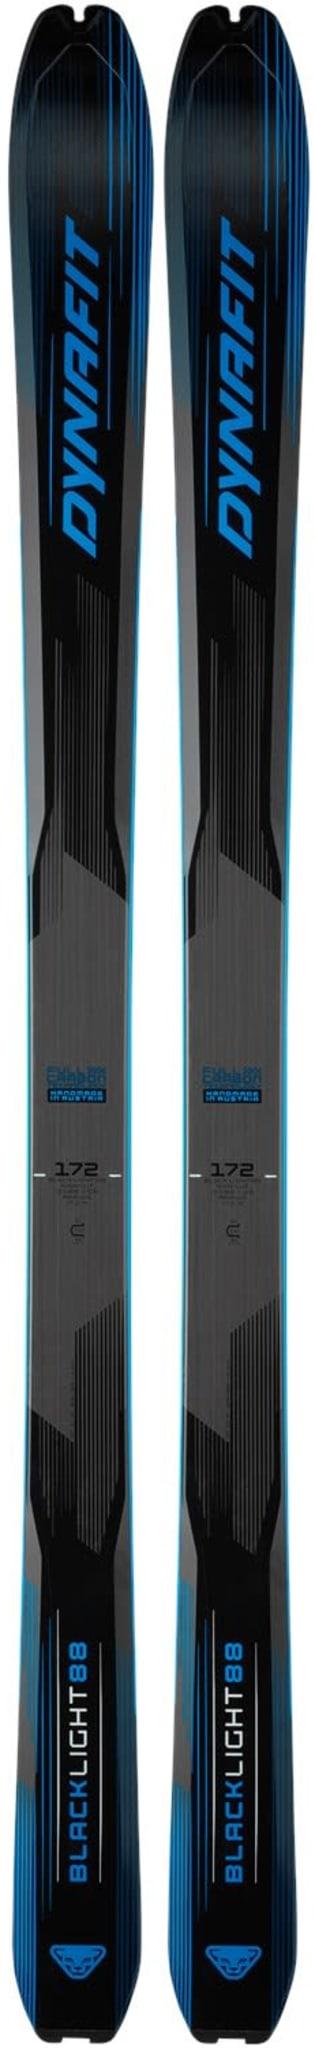 Blacklight 88 & Marker Alpinist 8